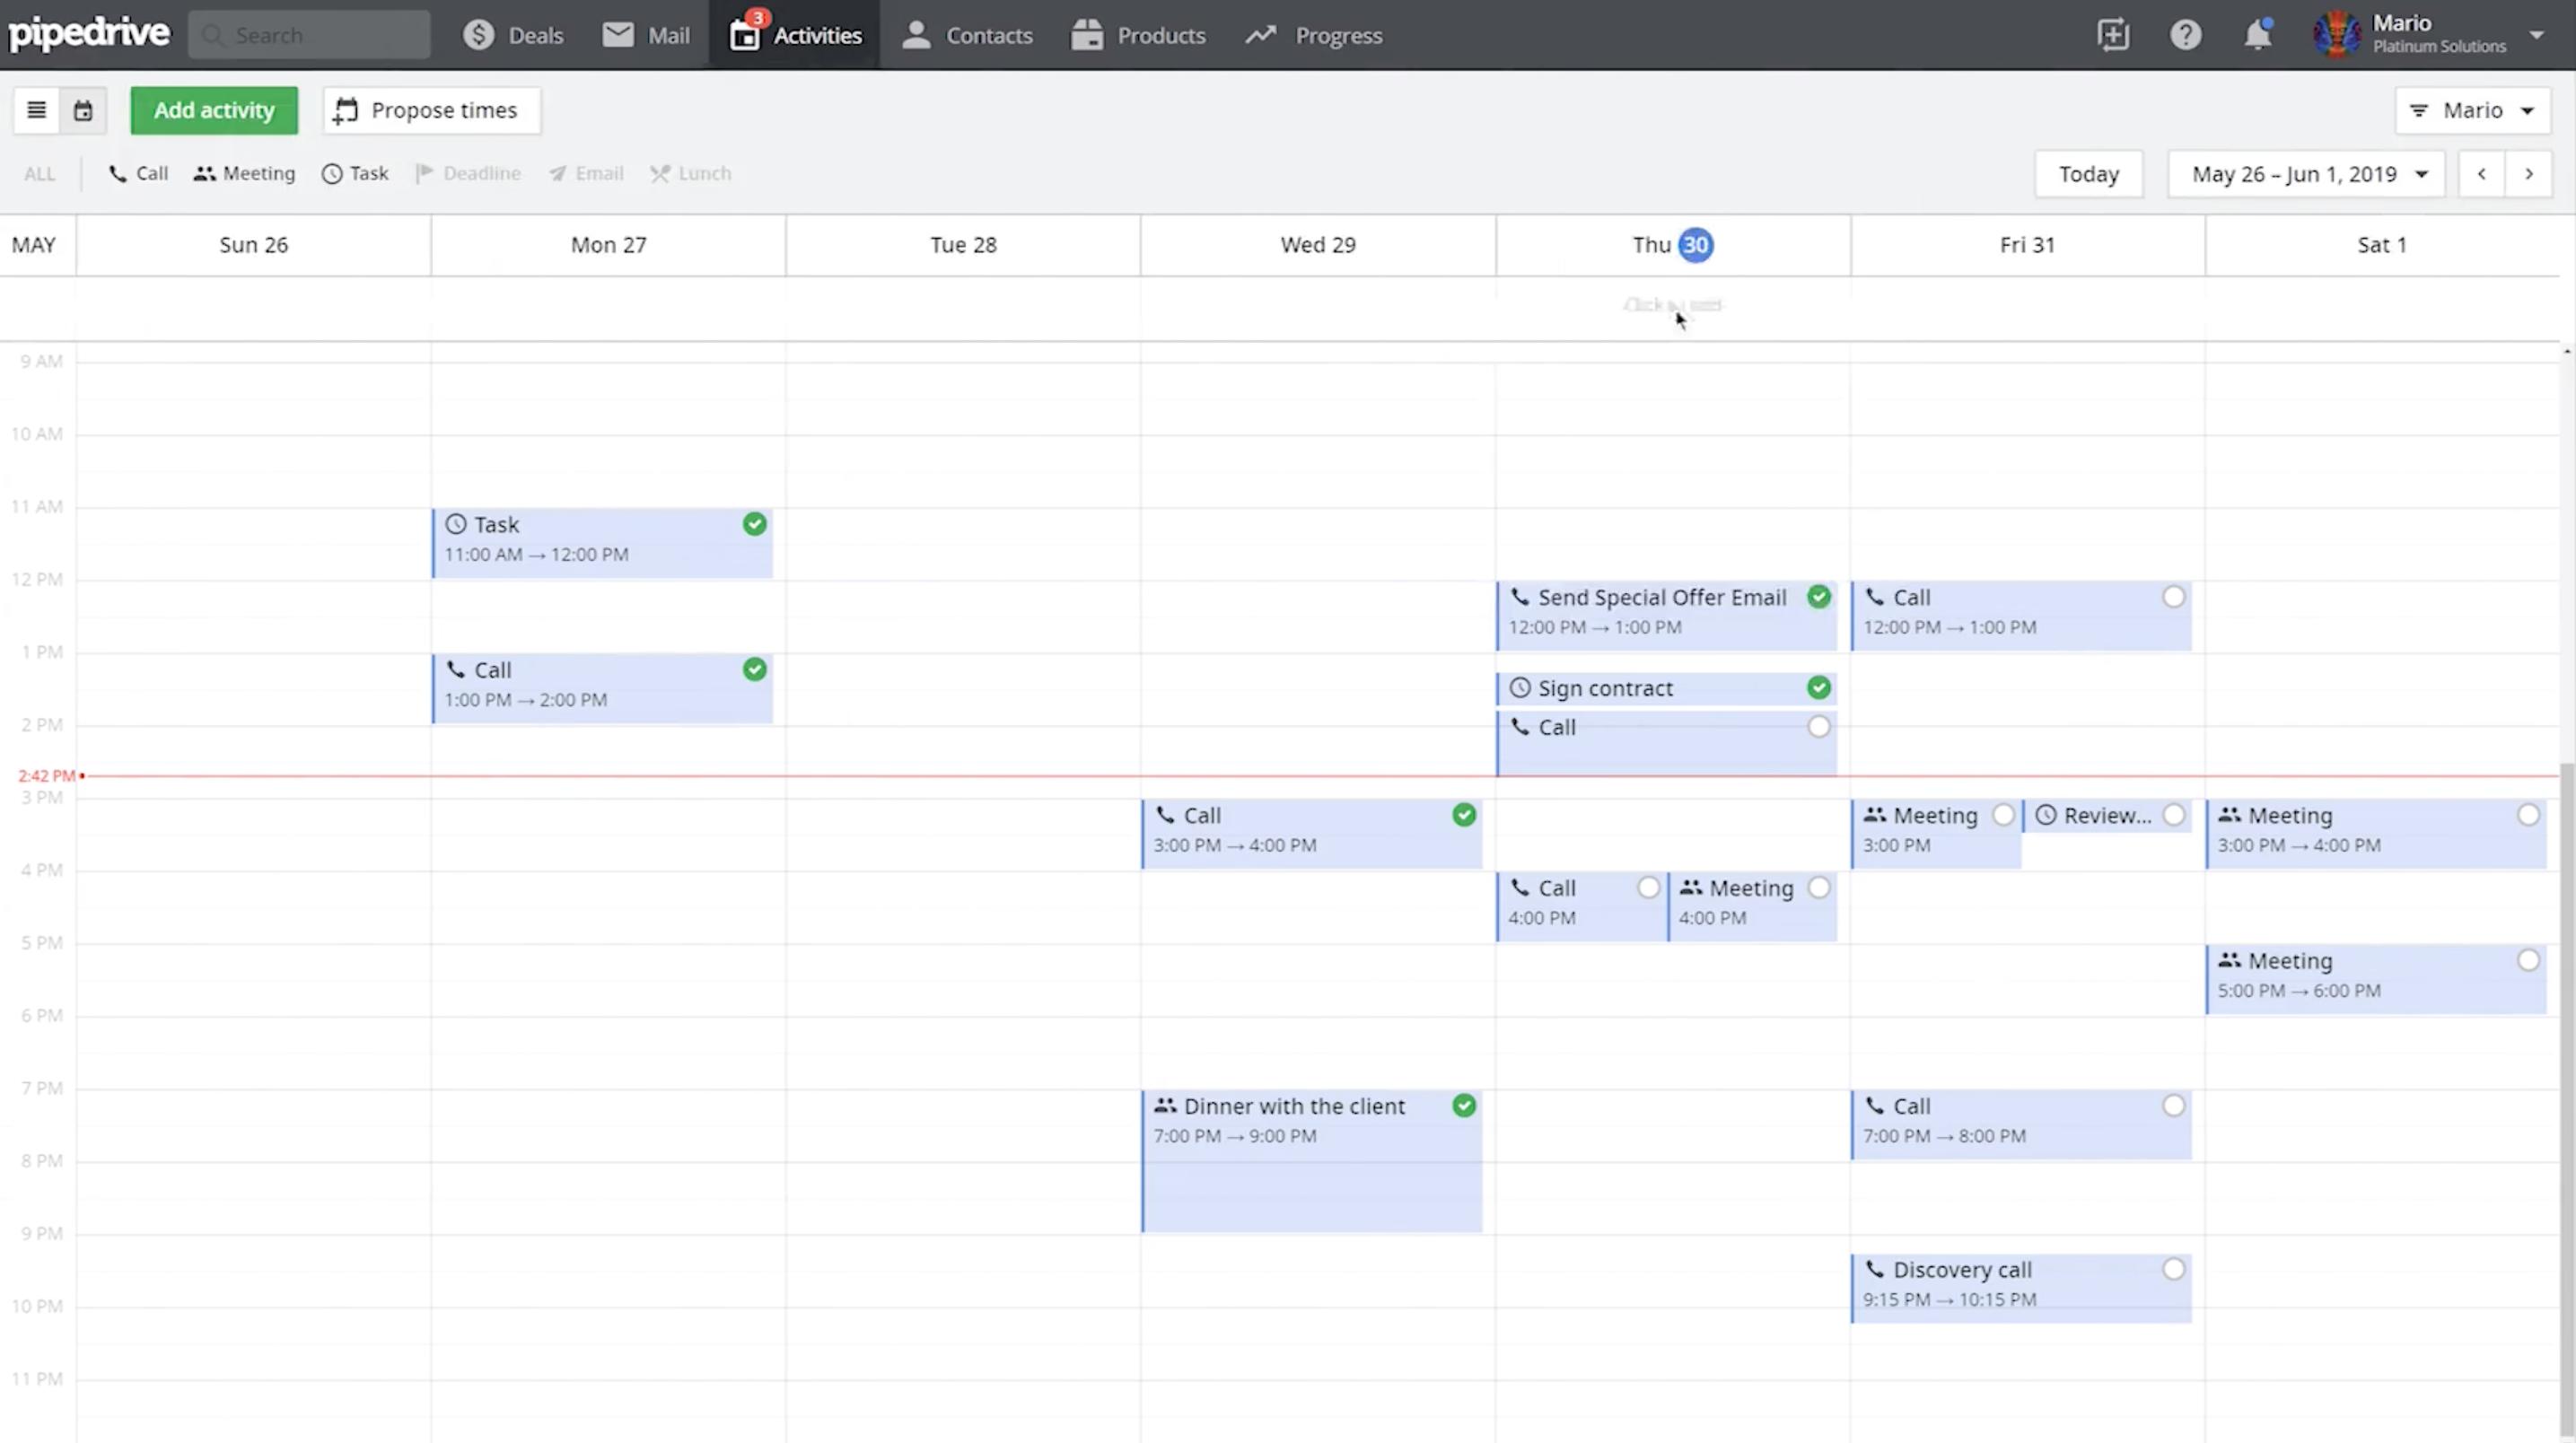 Vous retrouvez ici toutes vos activités sous forme d'un calendrier classique !